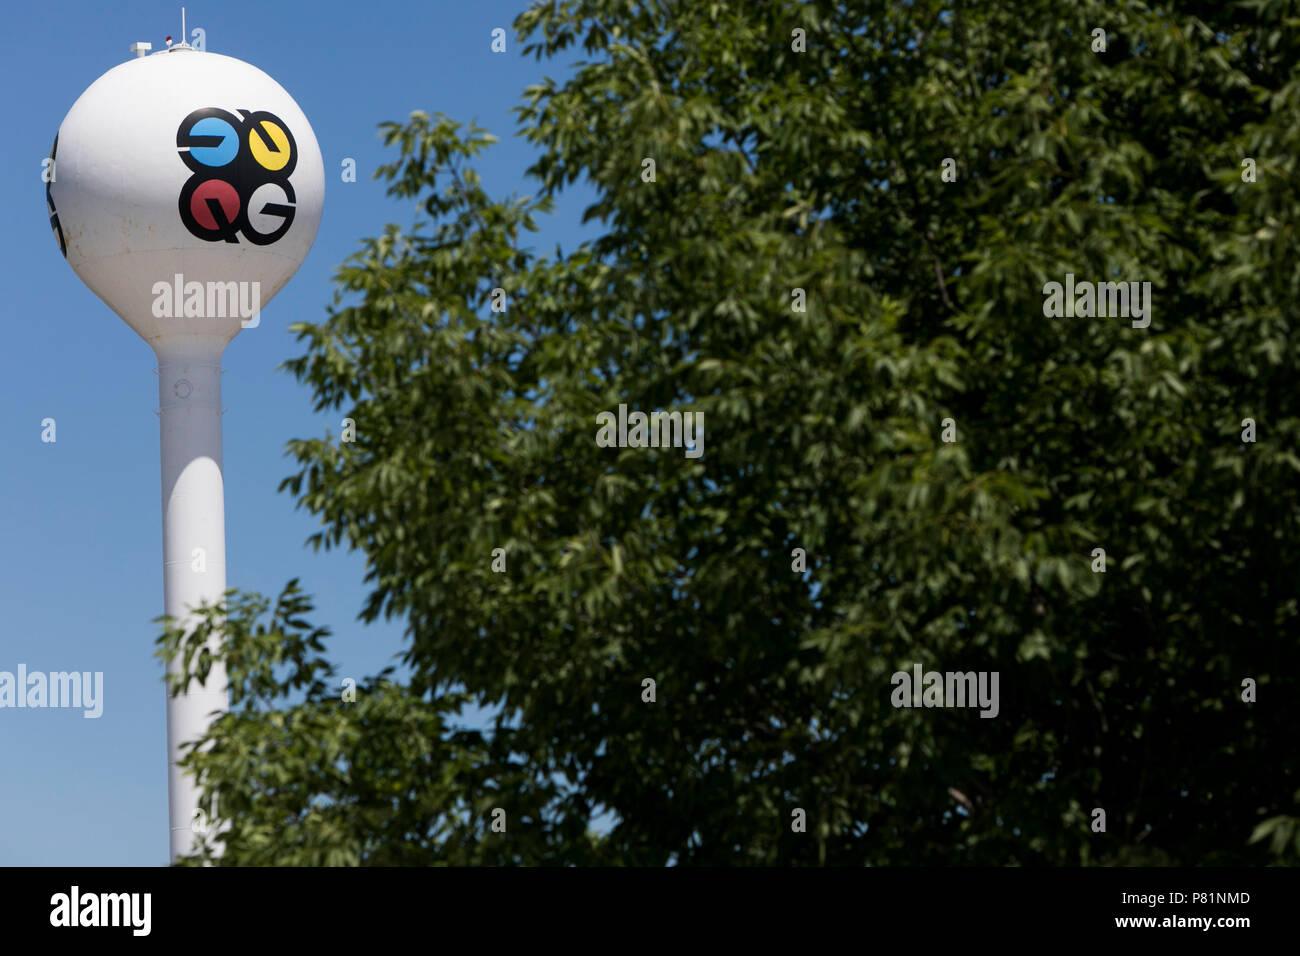 Ein logo Zeichen außerhalb einer Anlage von Quad/Graphics in Mukwonago, Wisconsin besetzt, am 24. Juni 2018. Stockbild